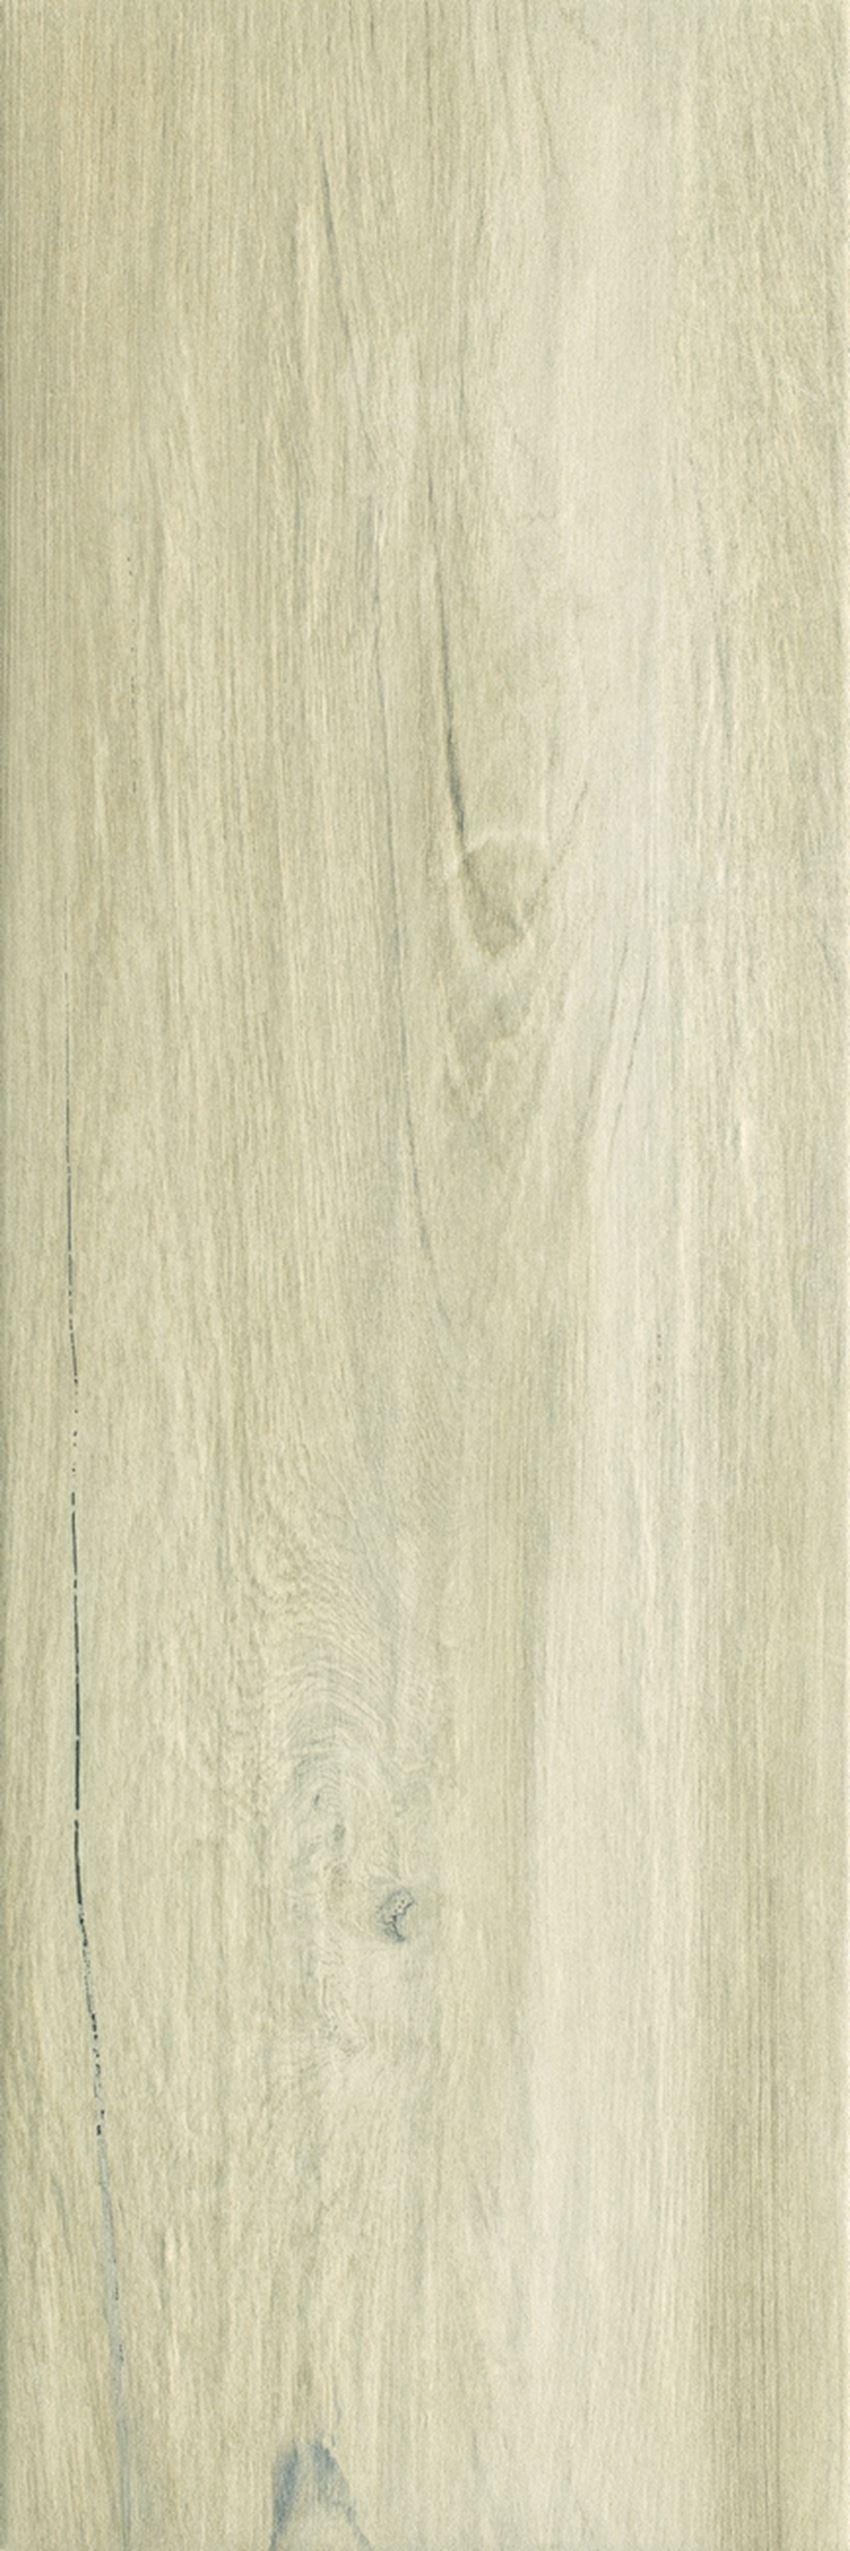 Płytka ścienno-podłogowa 20x60 cm Paradyż Wood Rustic Beige Gres Szkl